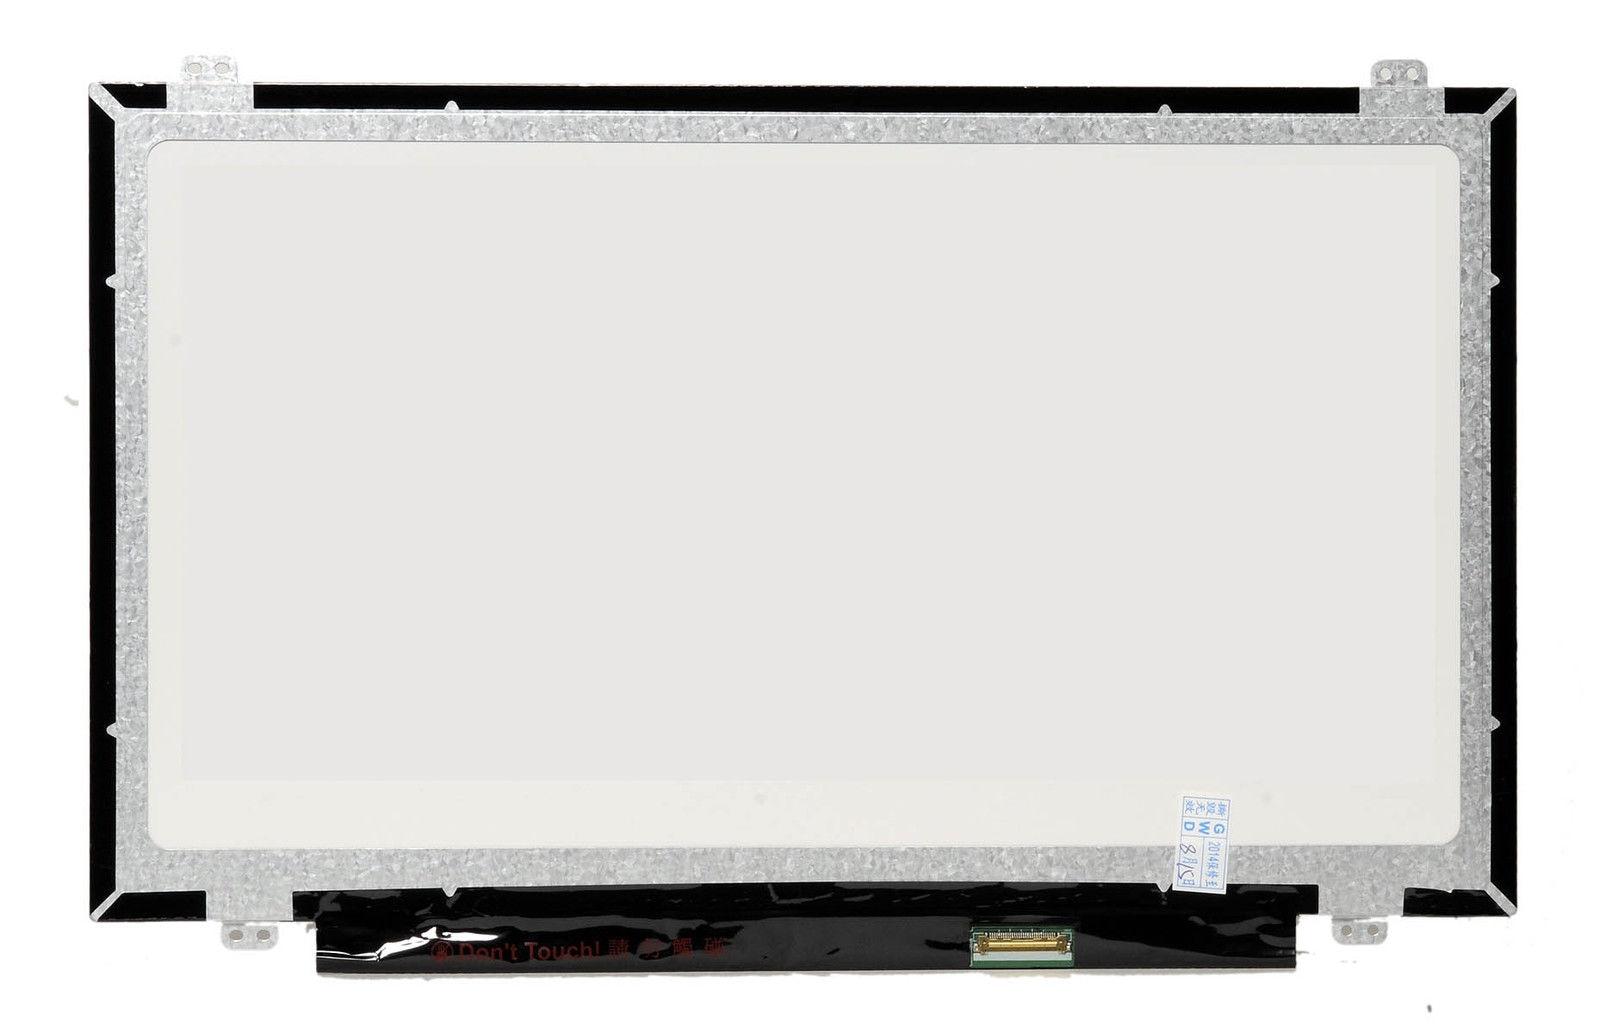 For HP ELITEBOOK 840 G1 (F2P23UT) 14.0 LCD LED Screen Display Panel WXGA HD 14 0 lcd laptop screen boe hb140wx1 601 hb140wx1 led panel for new 14 wxga hd display matte